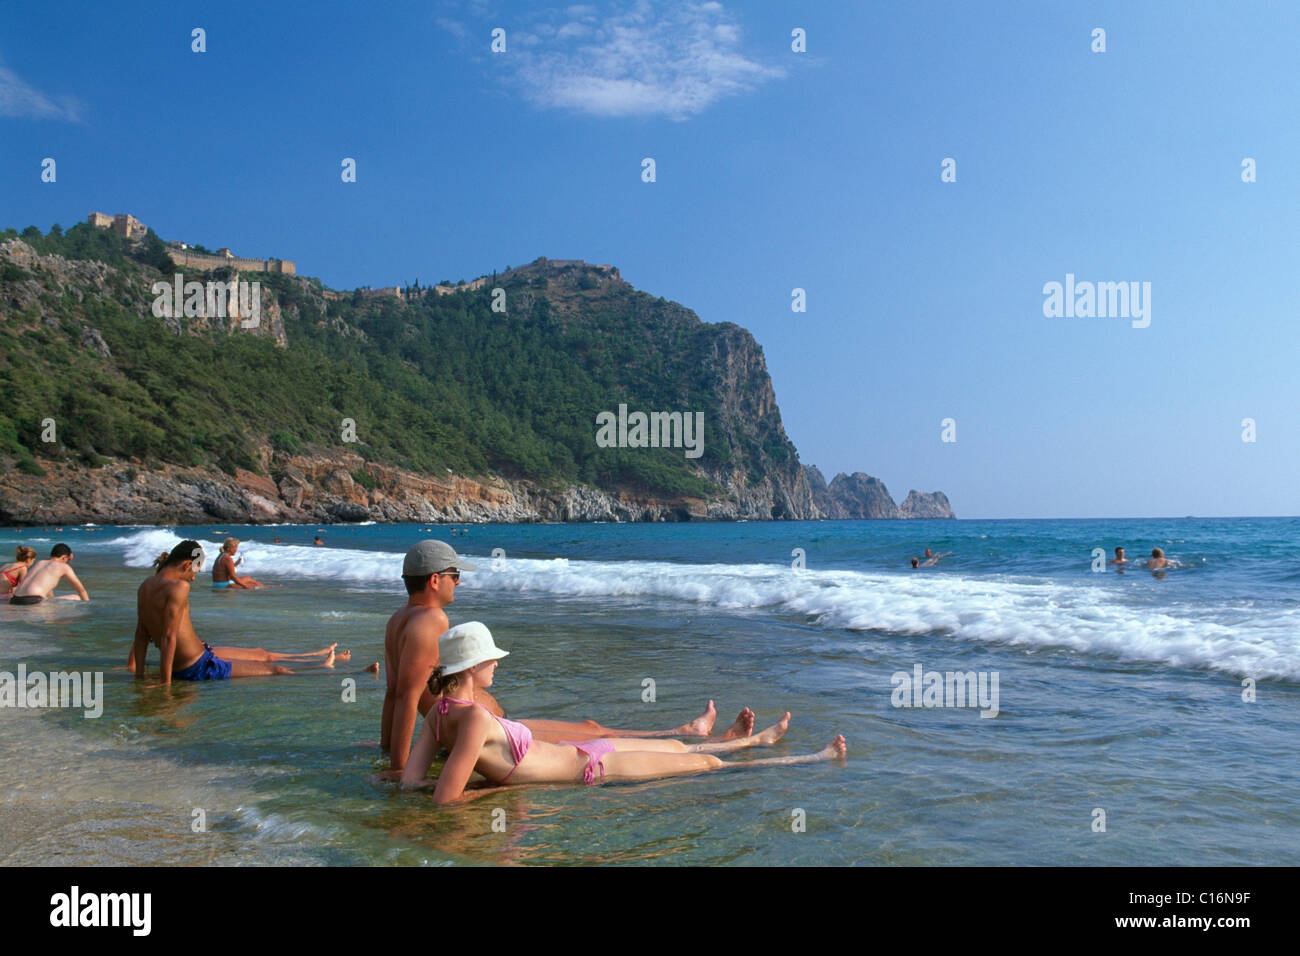 Cleopatra Beach, Alanya, Turkish Riviera, Turkey - Stock Image